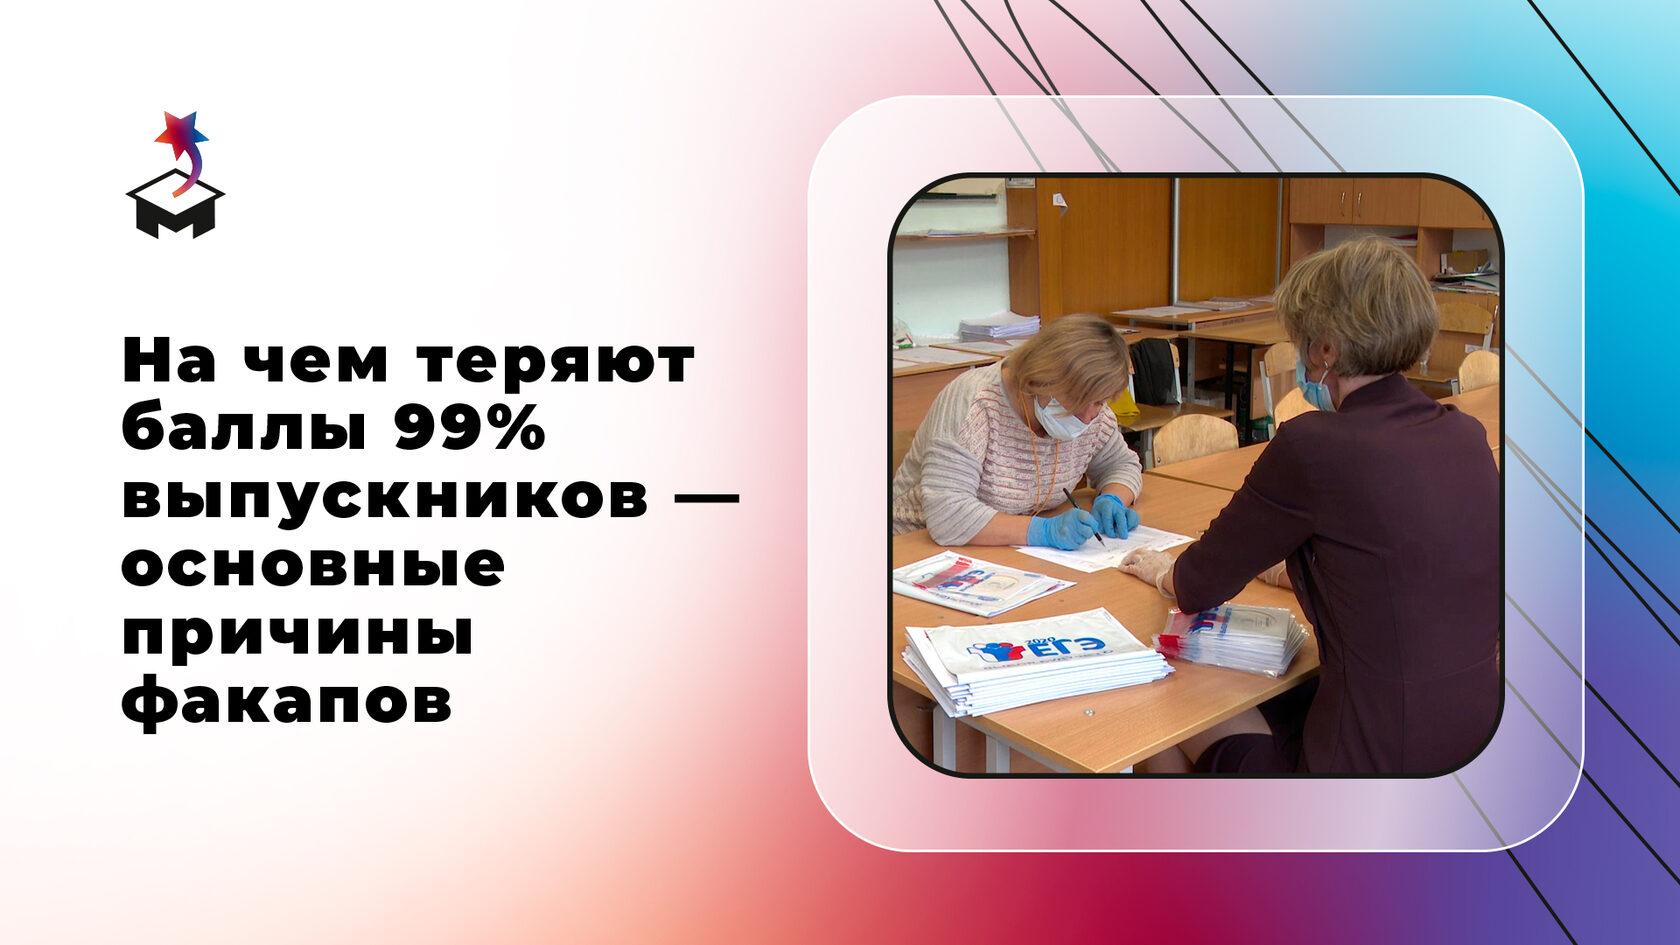 Эксперты за проверкой документов